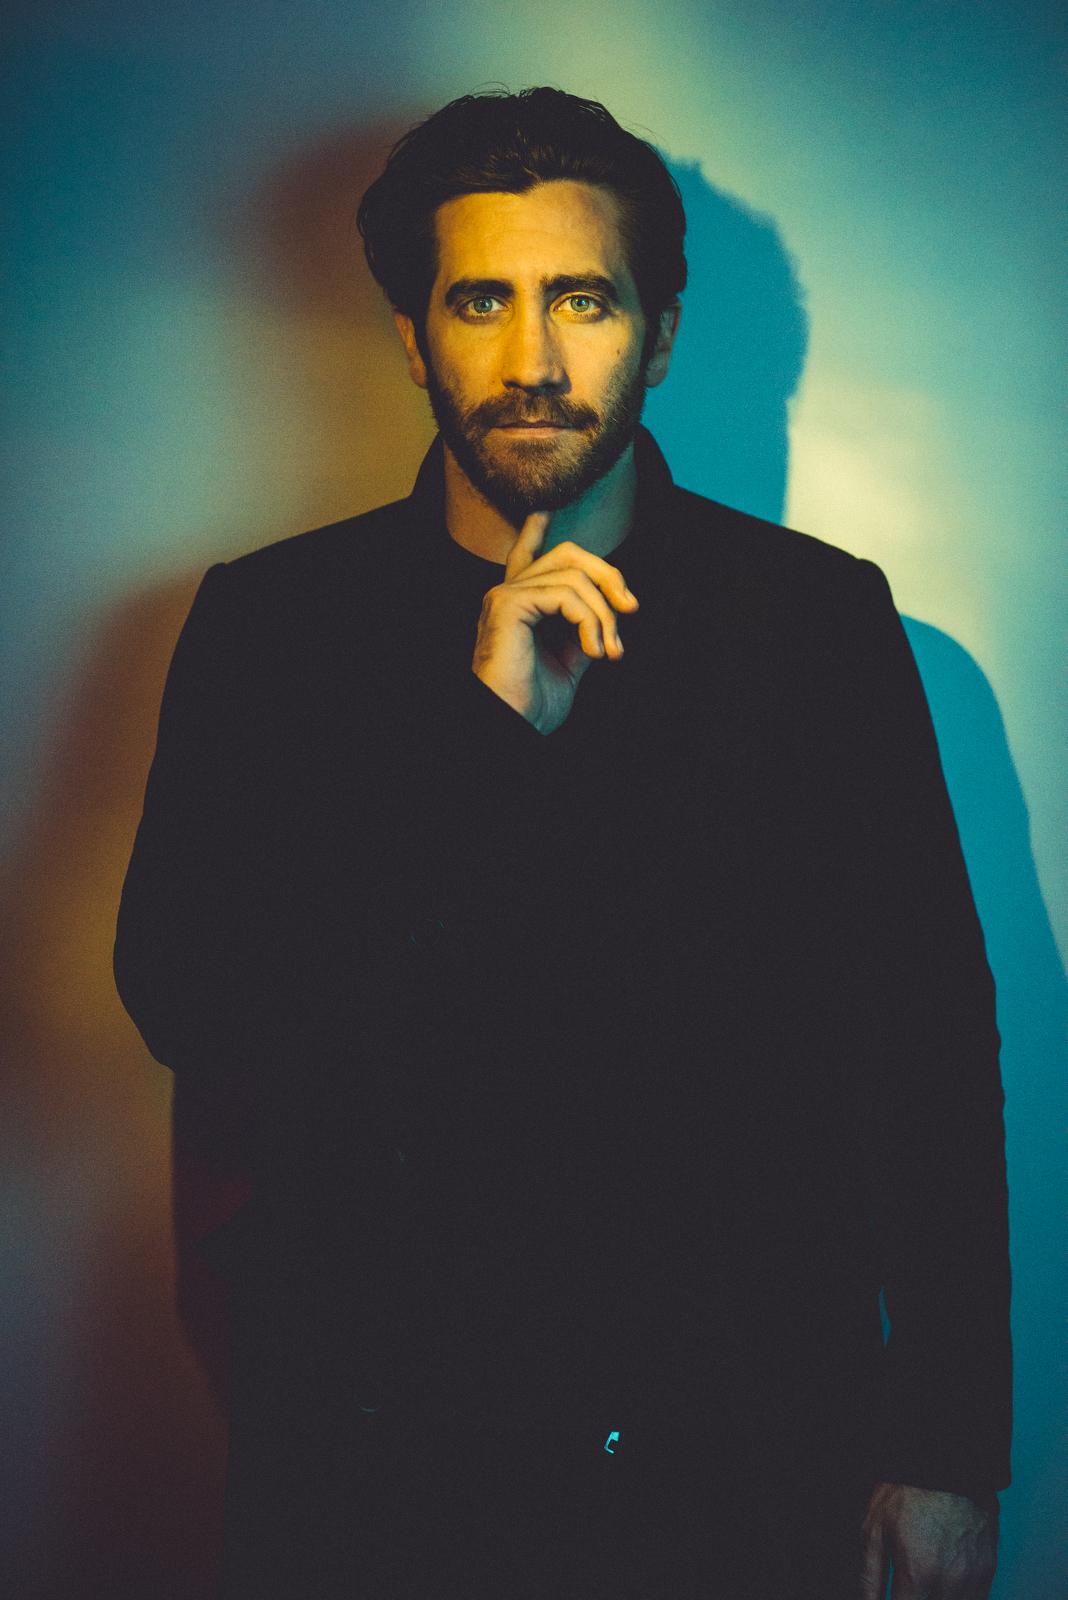 Jake Gyllenhaal for New York Times